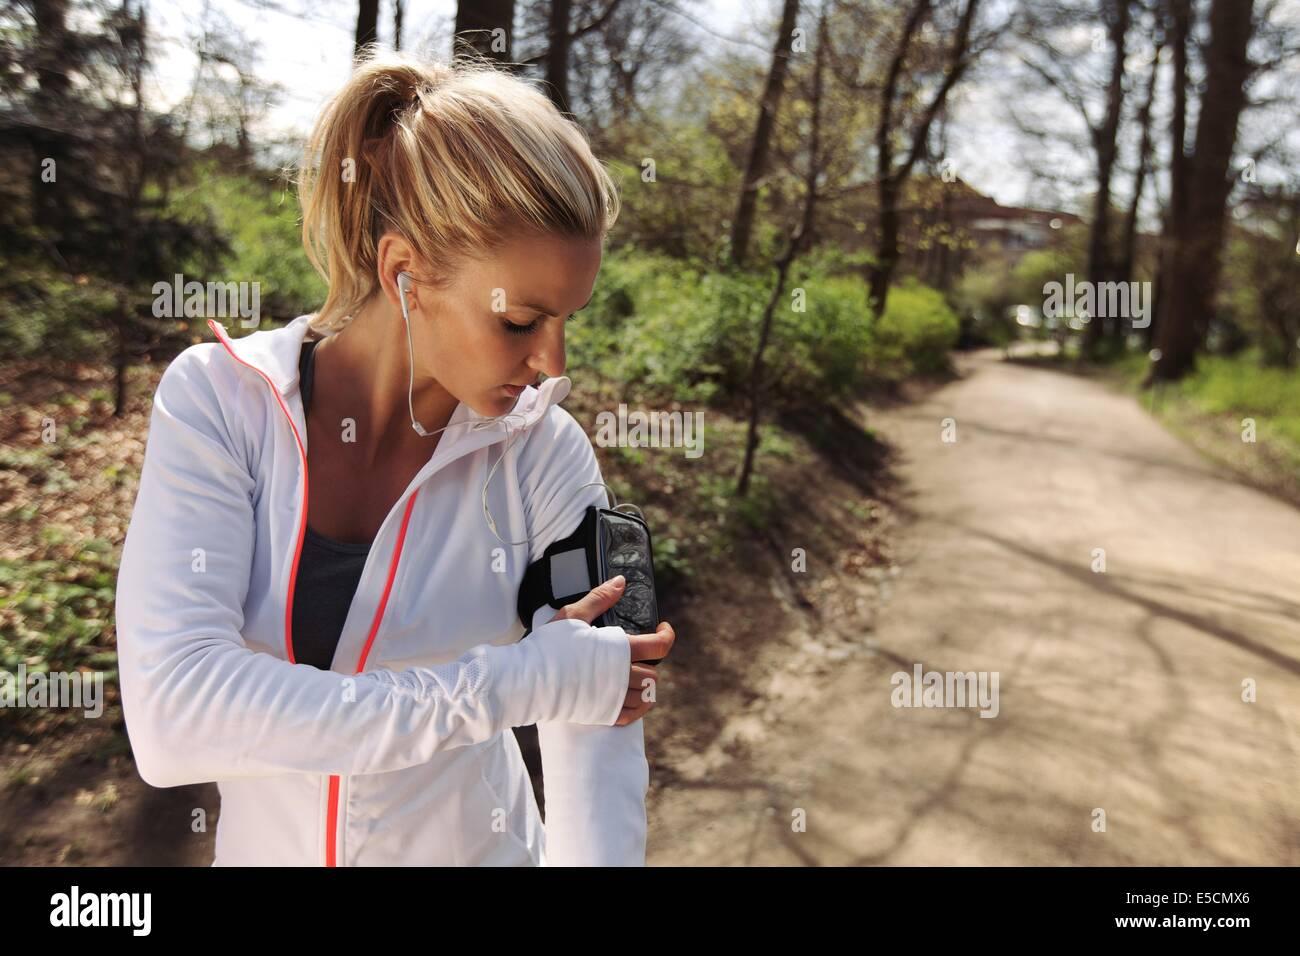 Hermosa joven formación al aire libre mientras usa un smartphone para supervisar su progreso. Corredoras del Imagen De Stock